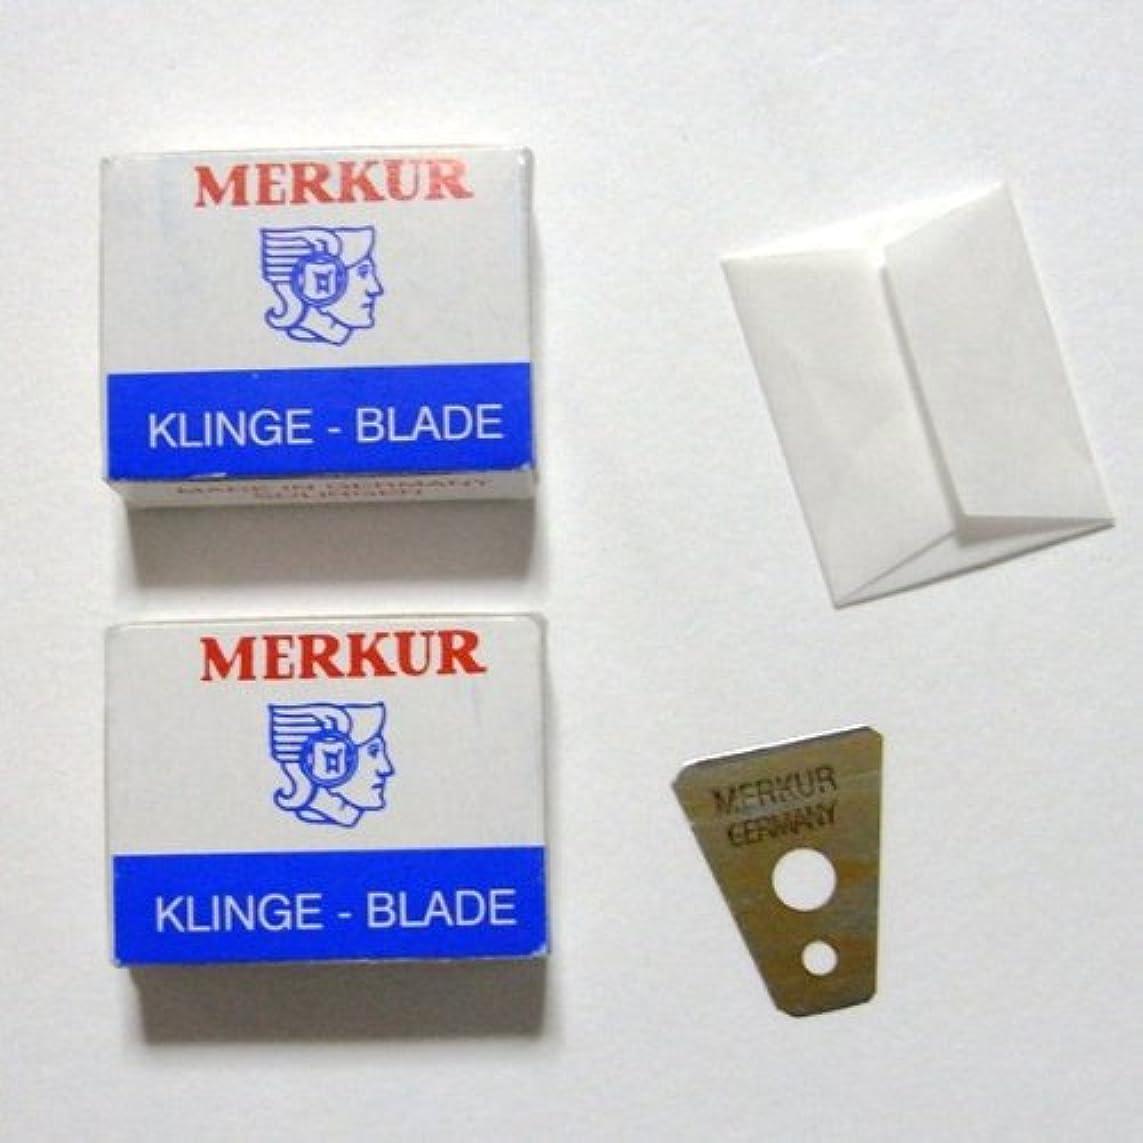 同級生物質可動式ゾーリンゲン(独)メルクールMERKUR口髭眉毛用カミソリ替刃20枚